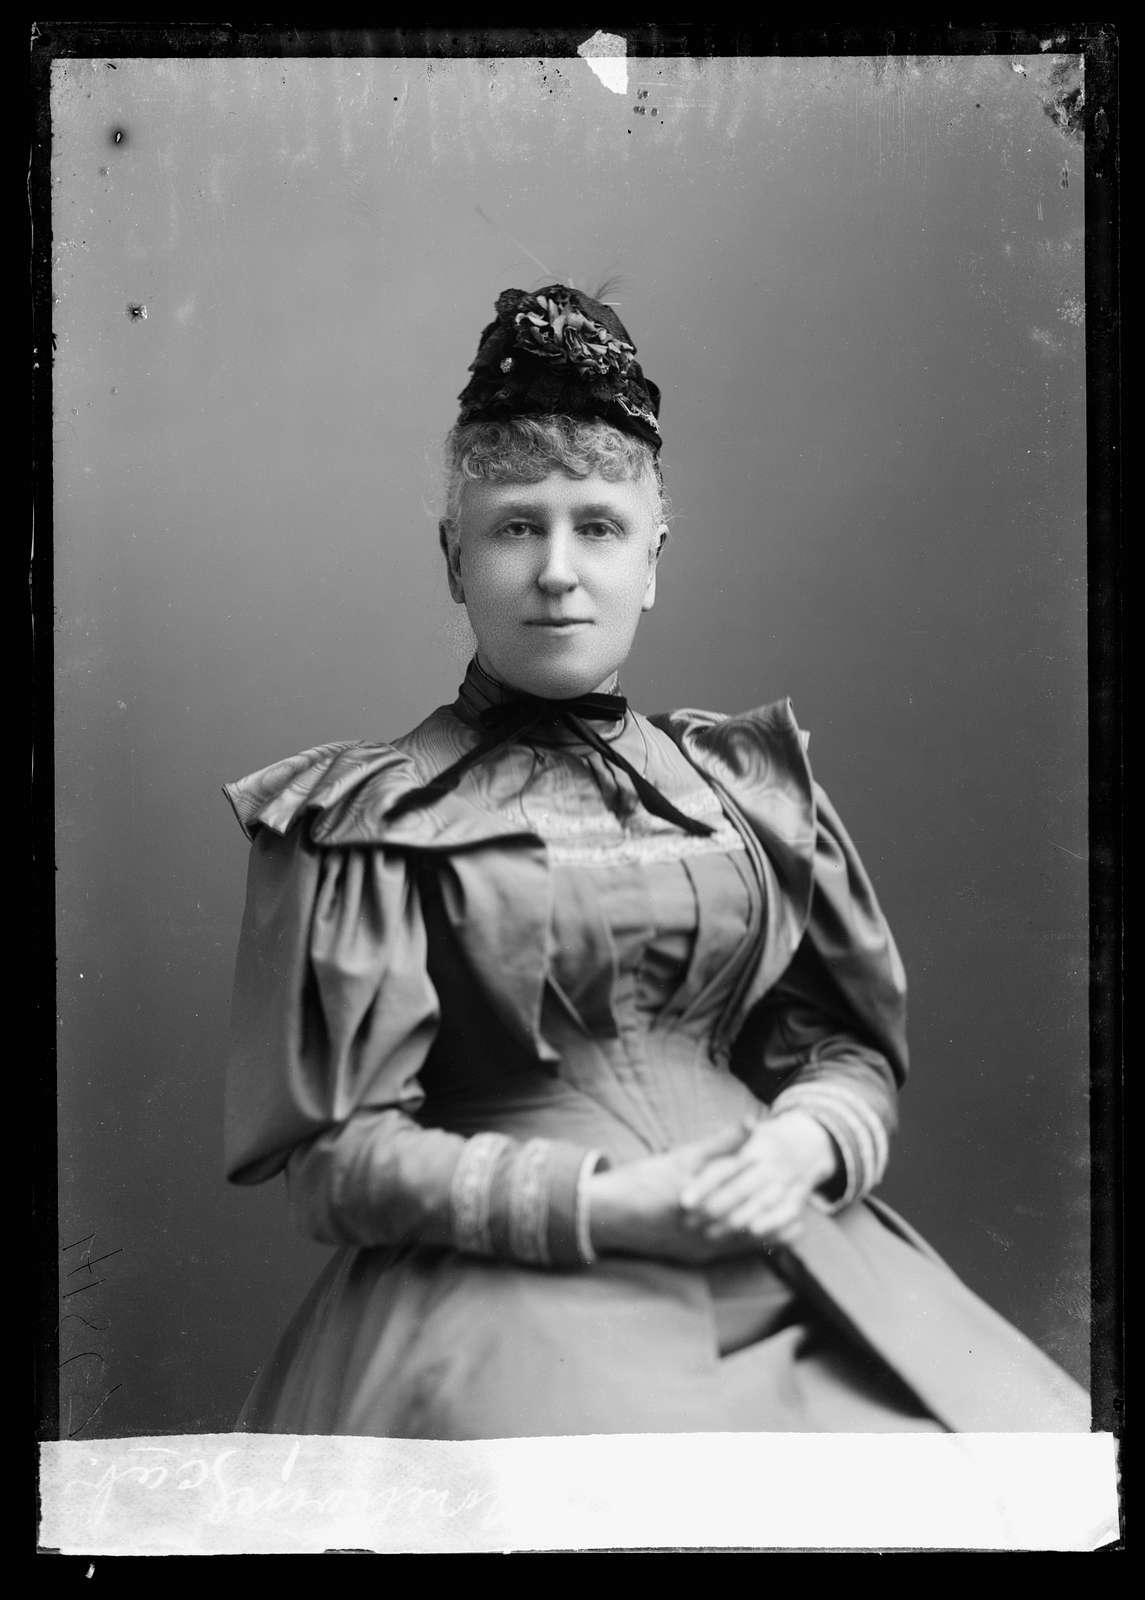 Mrs. R. Morehouse